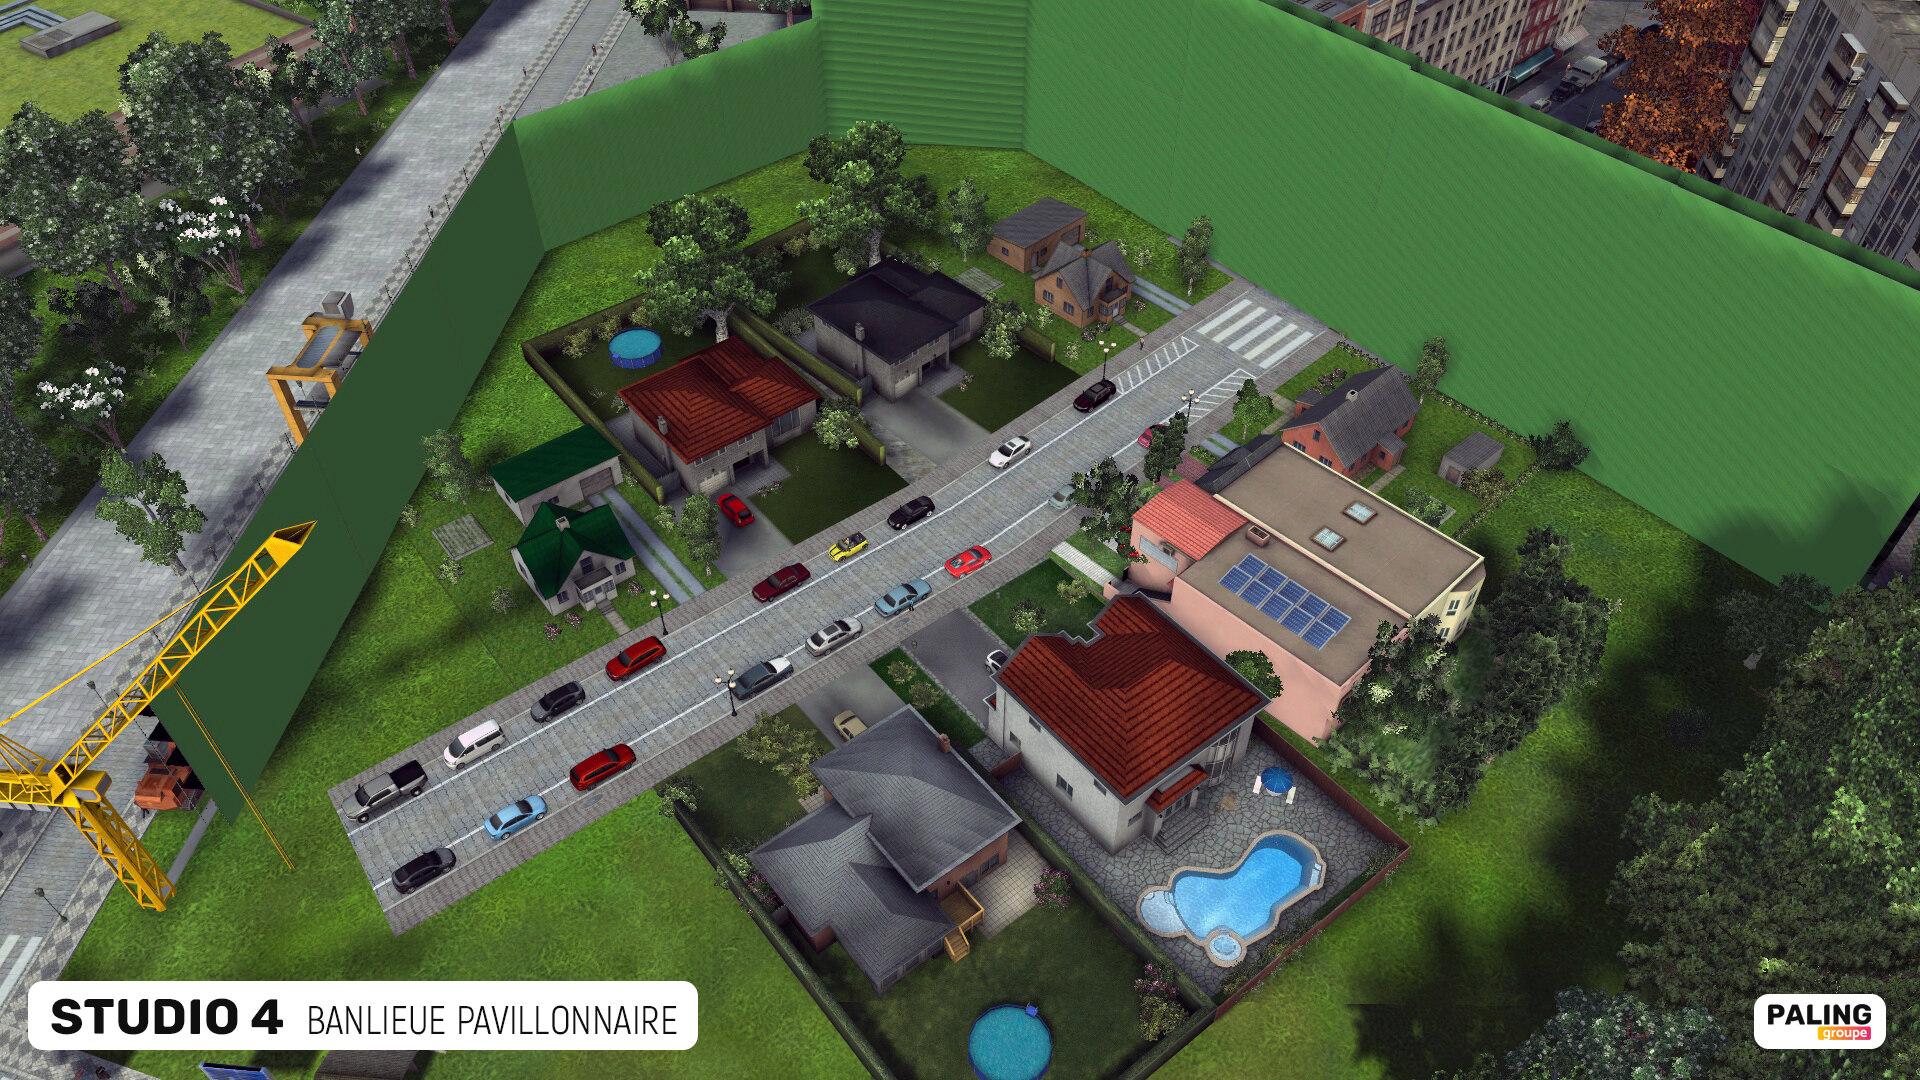 Verbania, Polaro - Page 26 Campus38